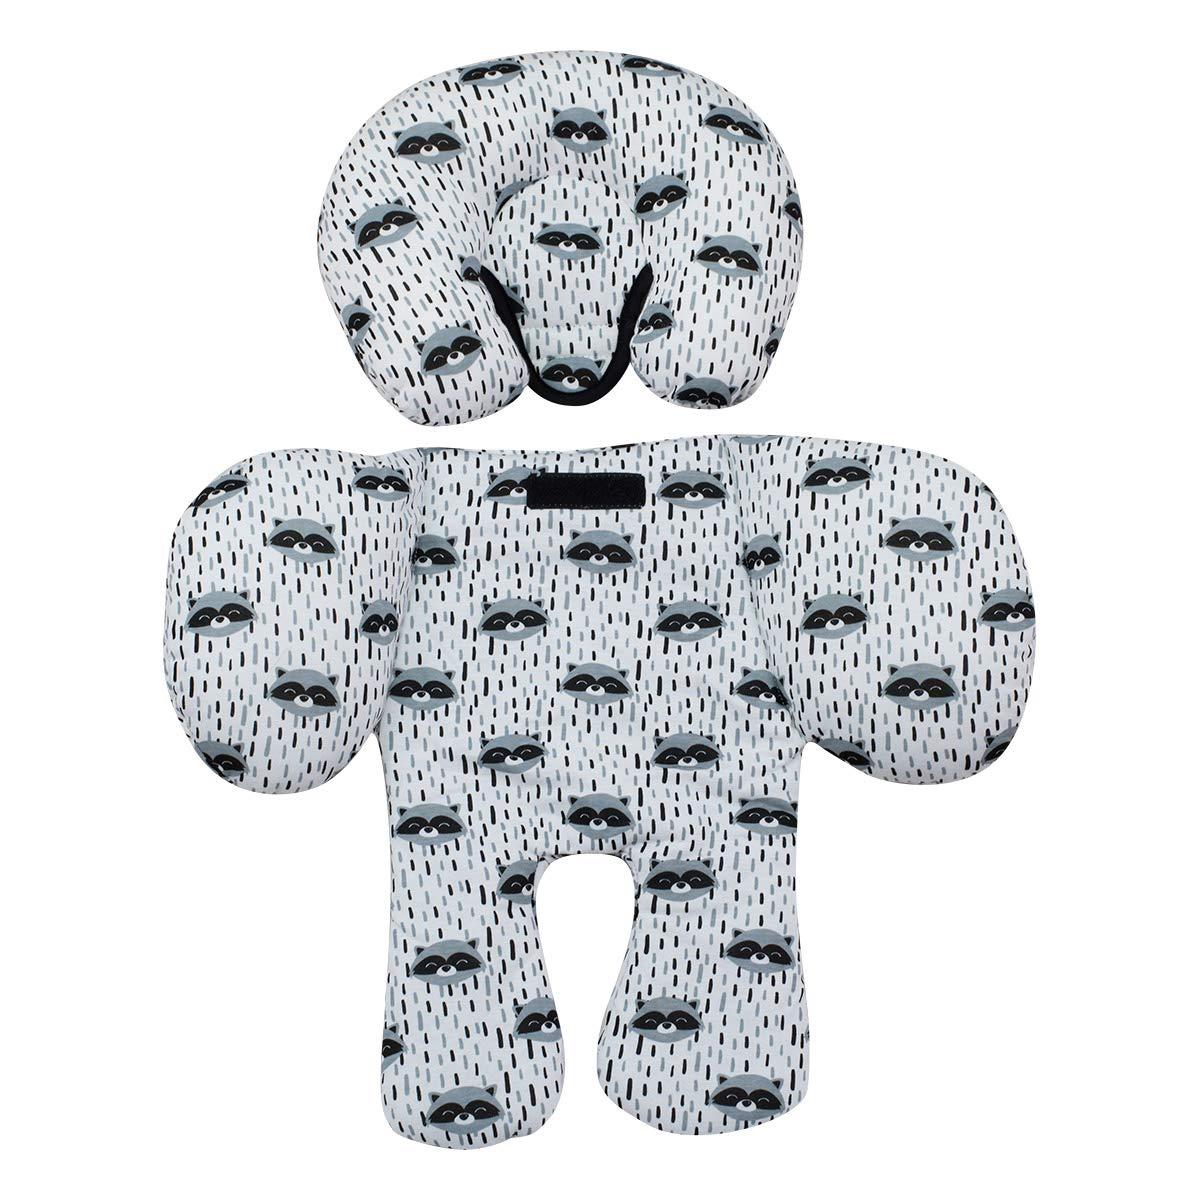 Amazon.com: Janabebé - Cojín reductor de cabeza de bebé y ...